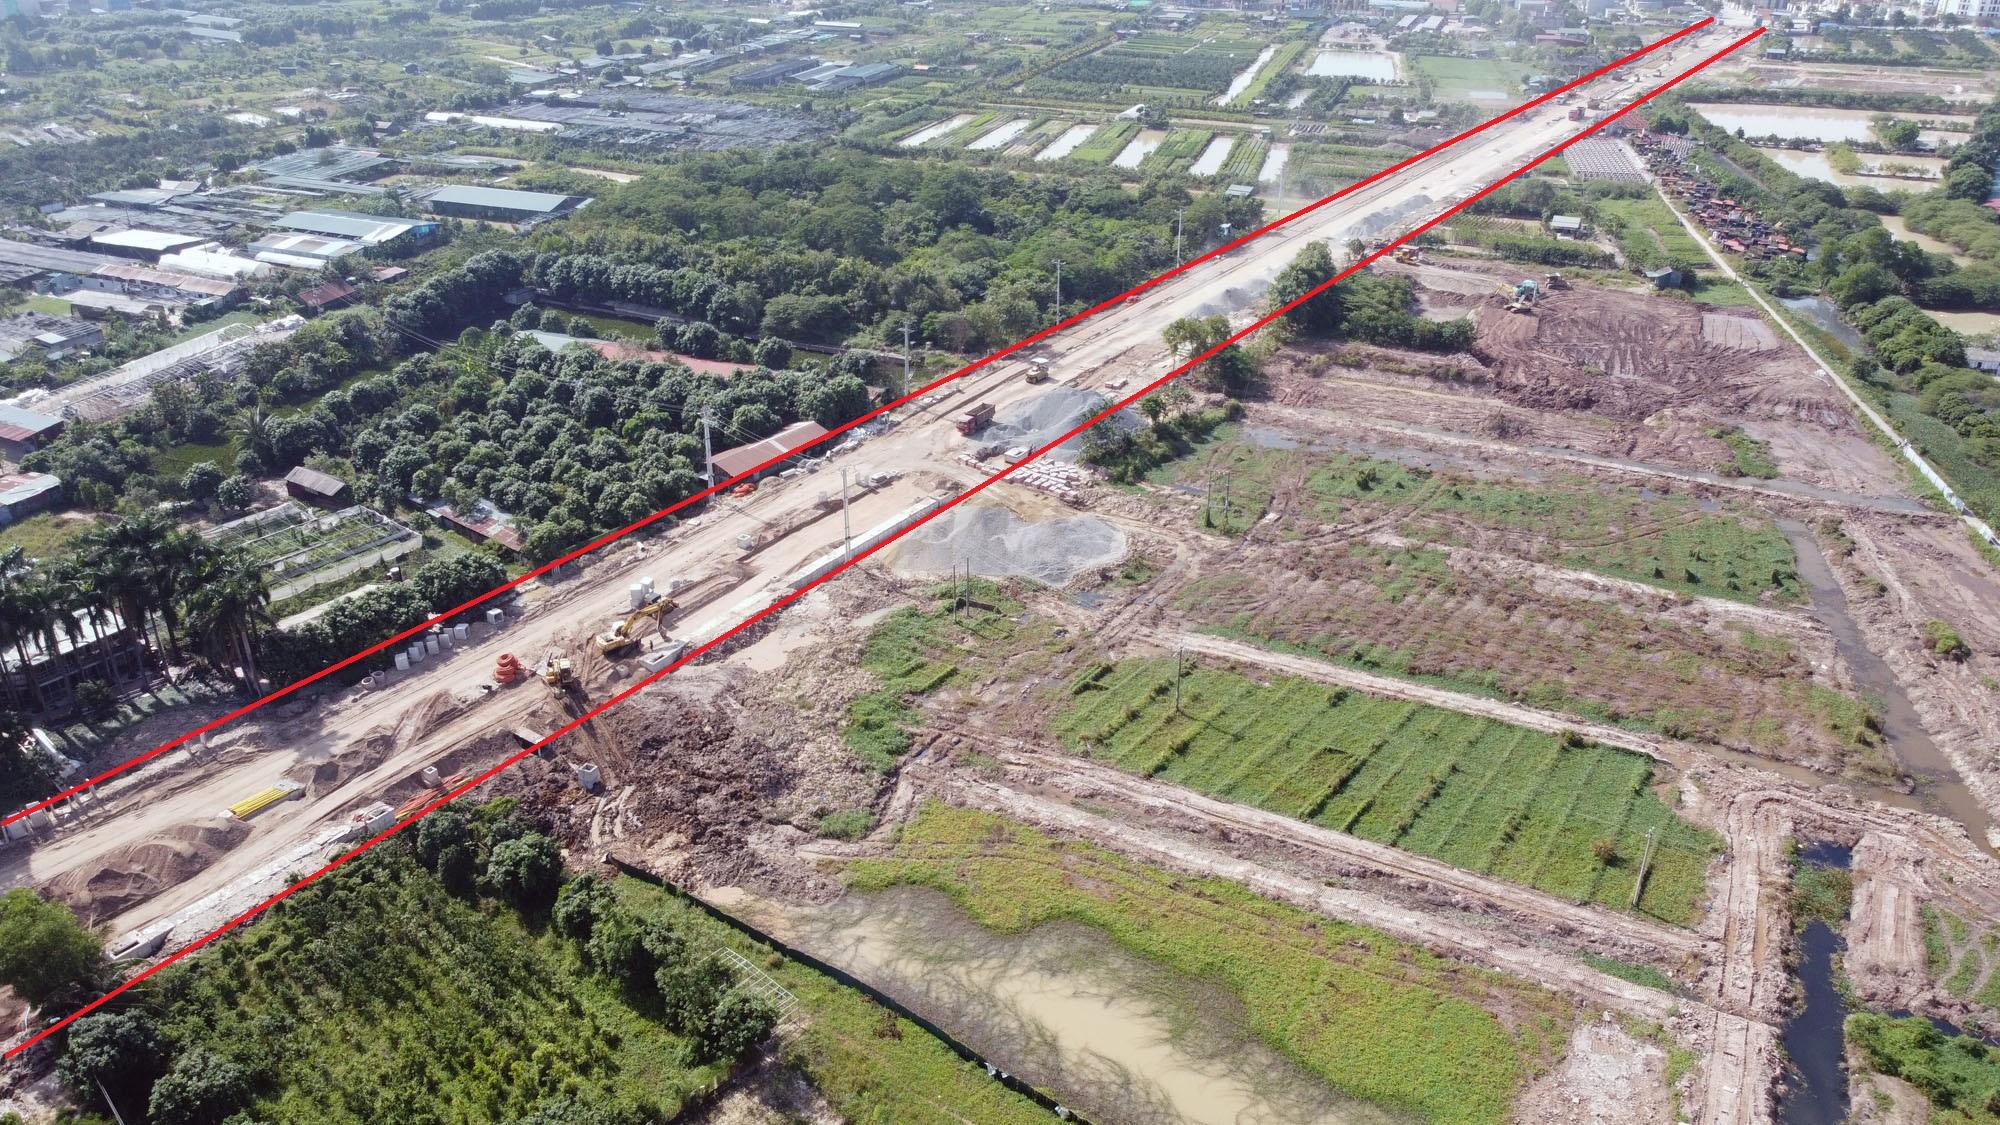 Ba đường sẽ mở theo qui hoạch ở thị trấn Trâu Quỳ, Gia Lâm, Hà Nội - Ảnh 6.